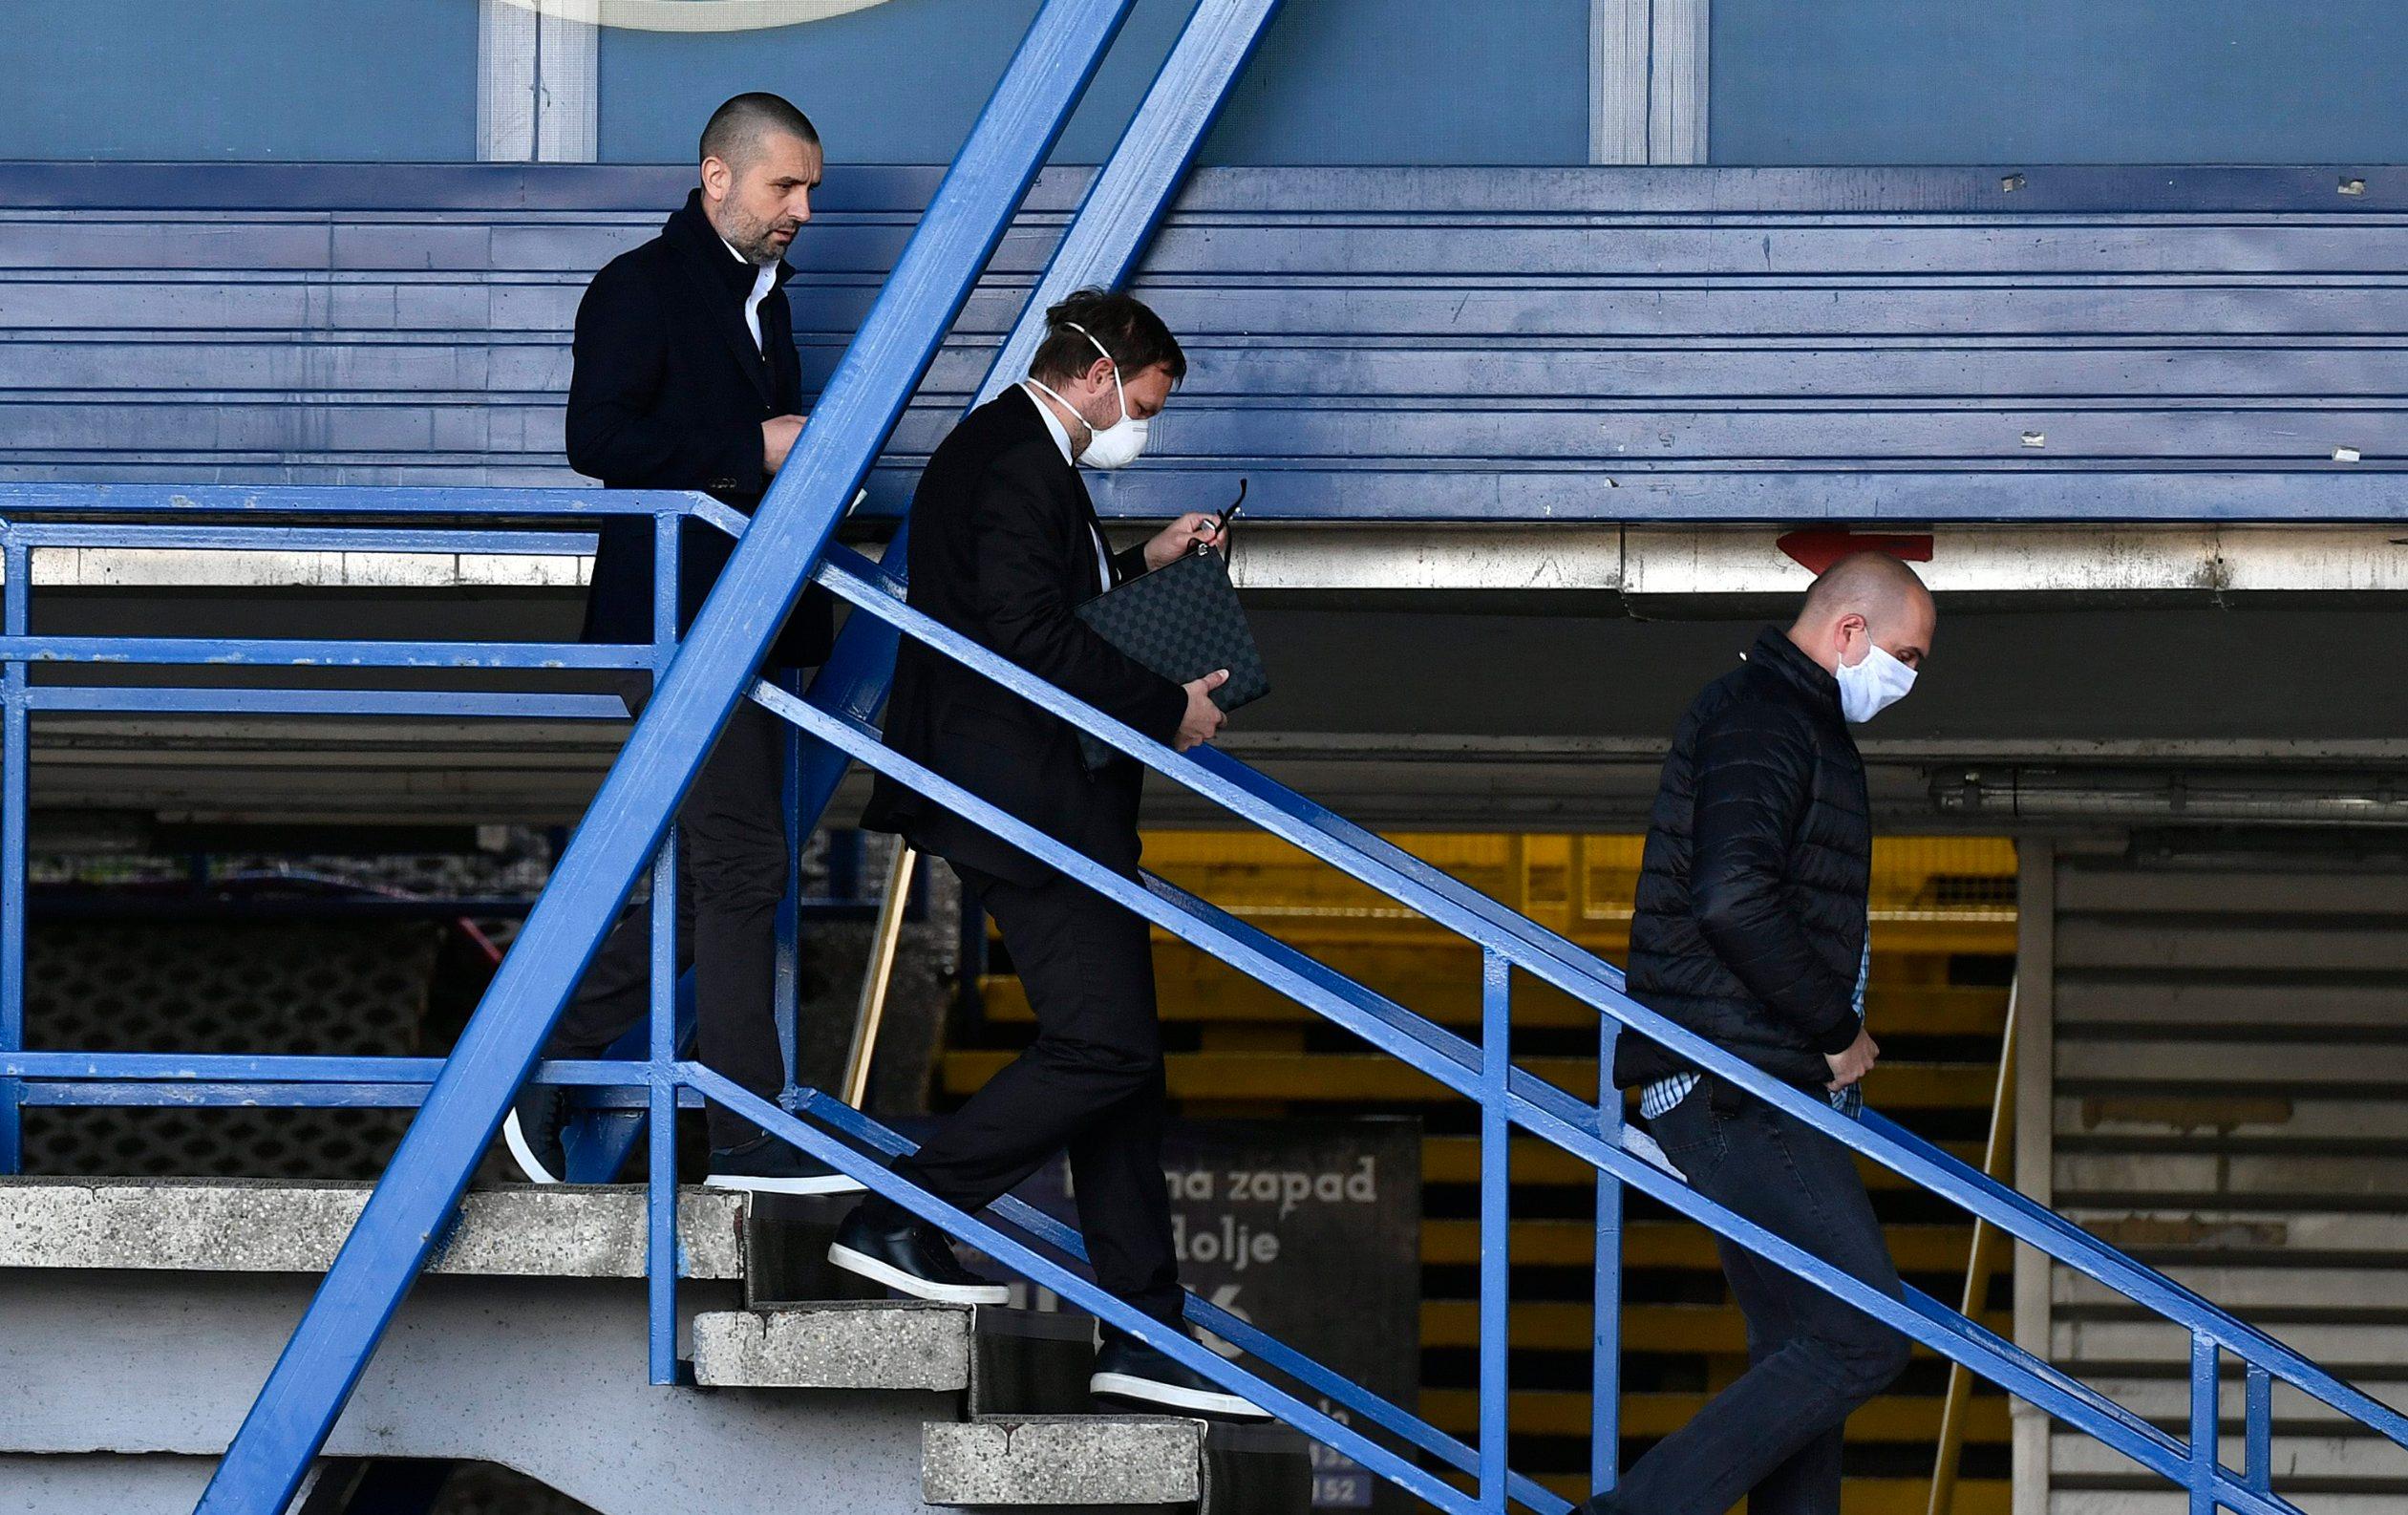 Zagreb, 160420. Stadion u Maksimiru. Odlazak Nenada Bjelice nakon sastanka s Upravom GNK Dinamo. Foto: Ronald Gorsic / CROPIX